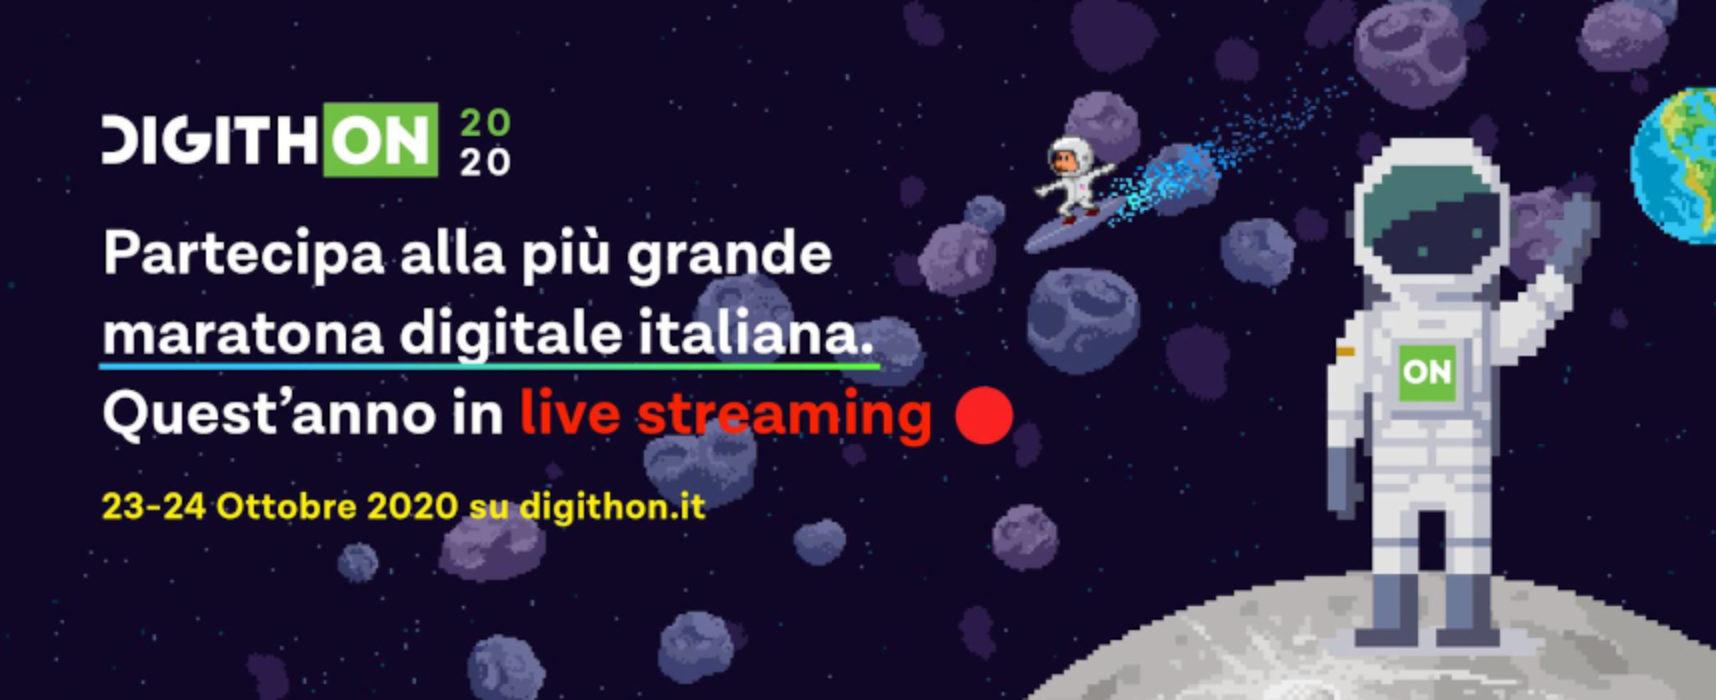 DigithON, la maratona delle idee digitali slitta a ottobre e sarà in live streaming / Aperta la CALL